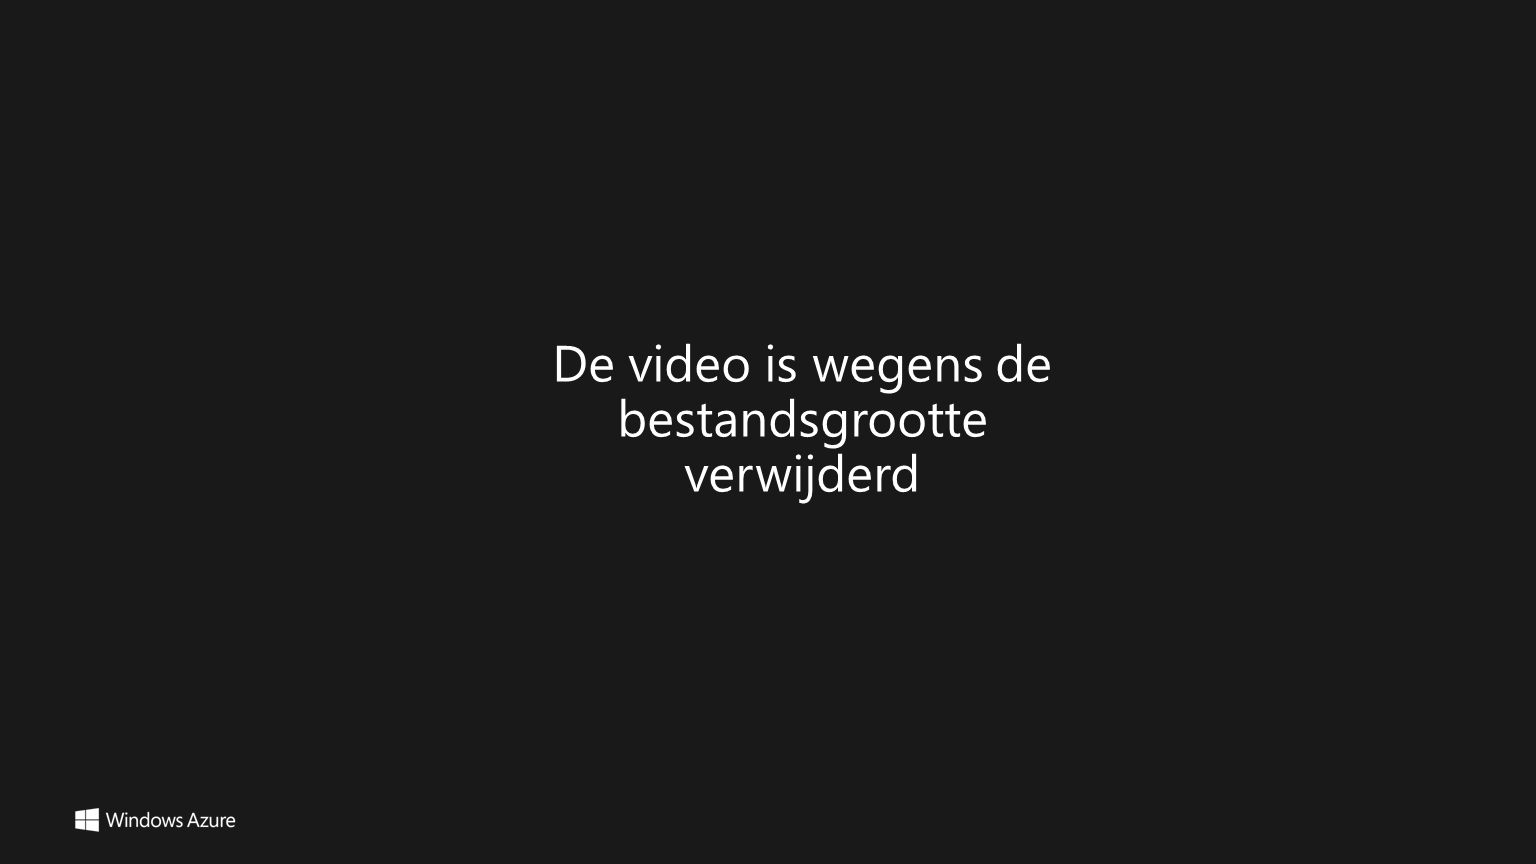 De video is wegens de bestandsgrootte verwijderd